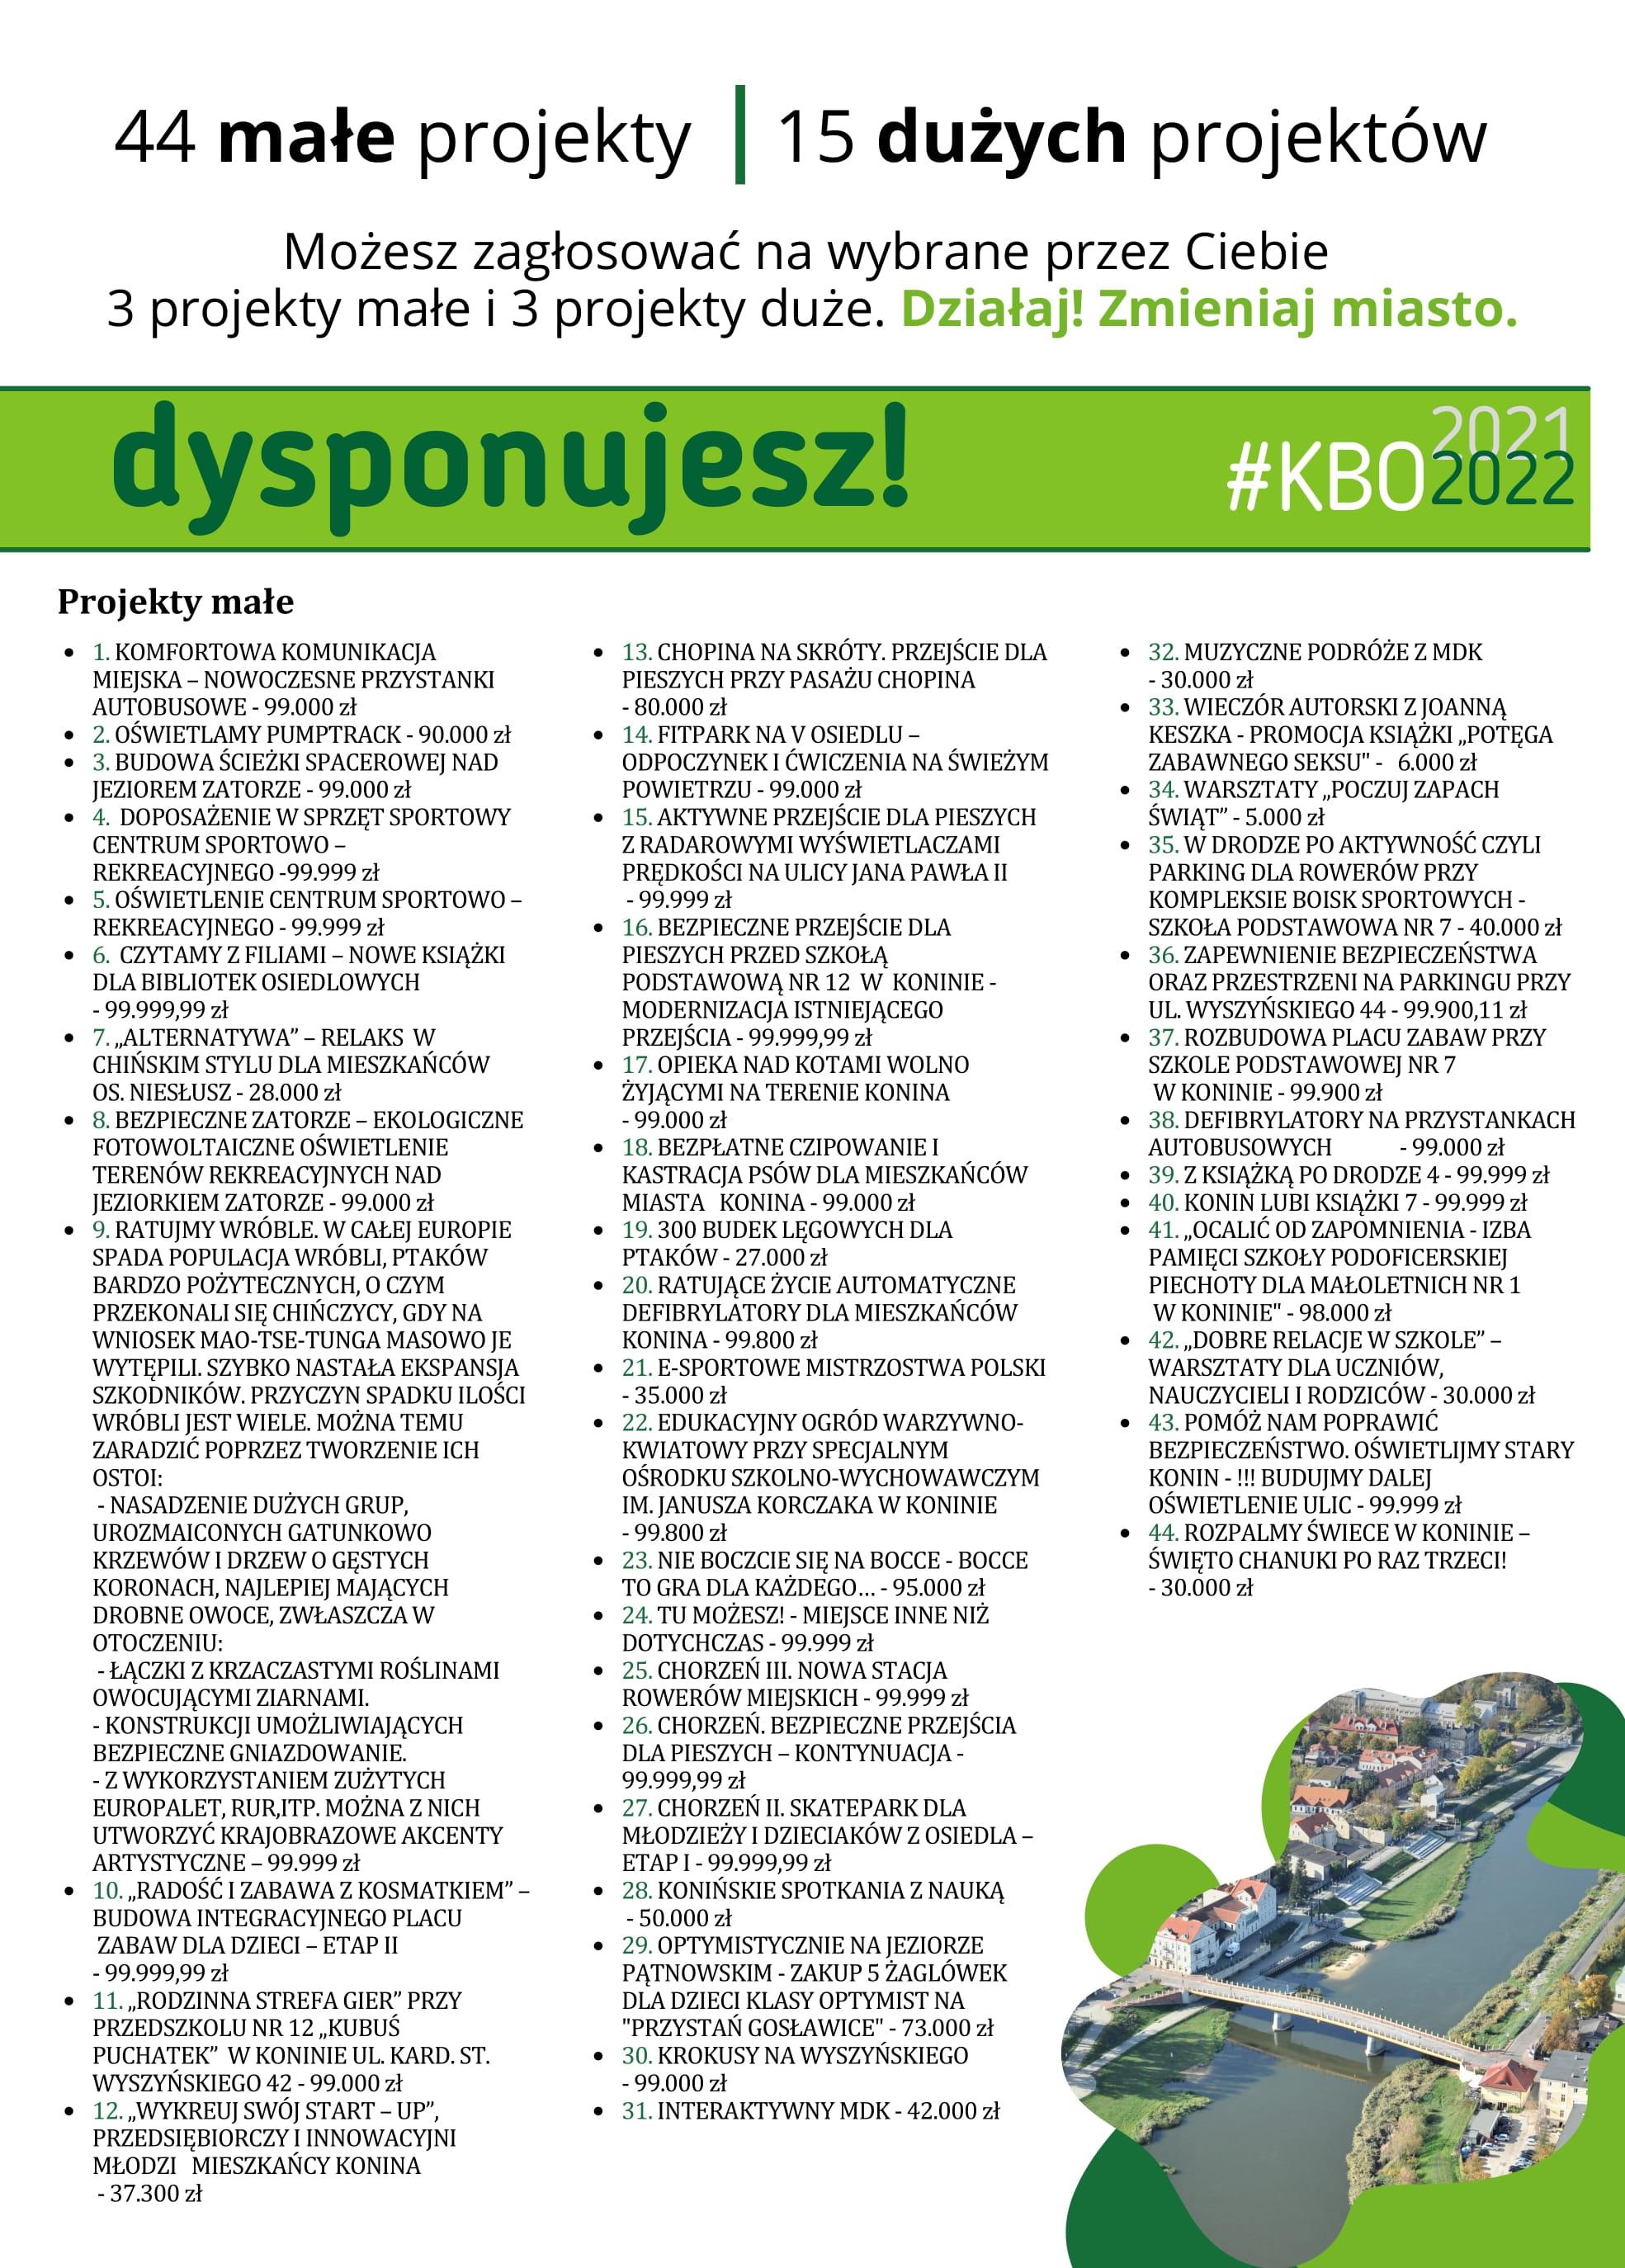 Koniński Budżet Obywatelski, 4.888 - tyle osób dziś do godz. 8:13 :-))) oddało swój głos